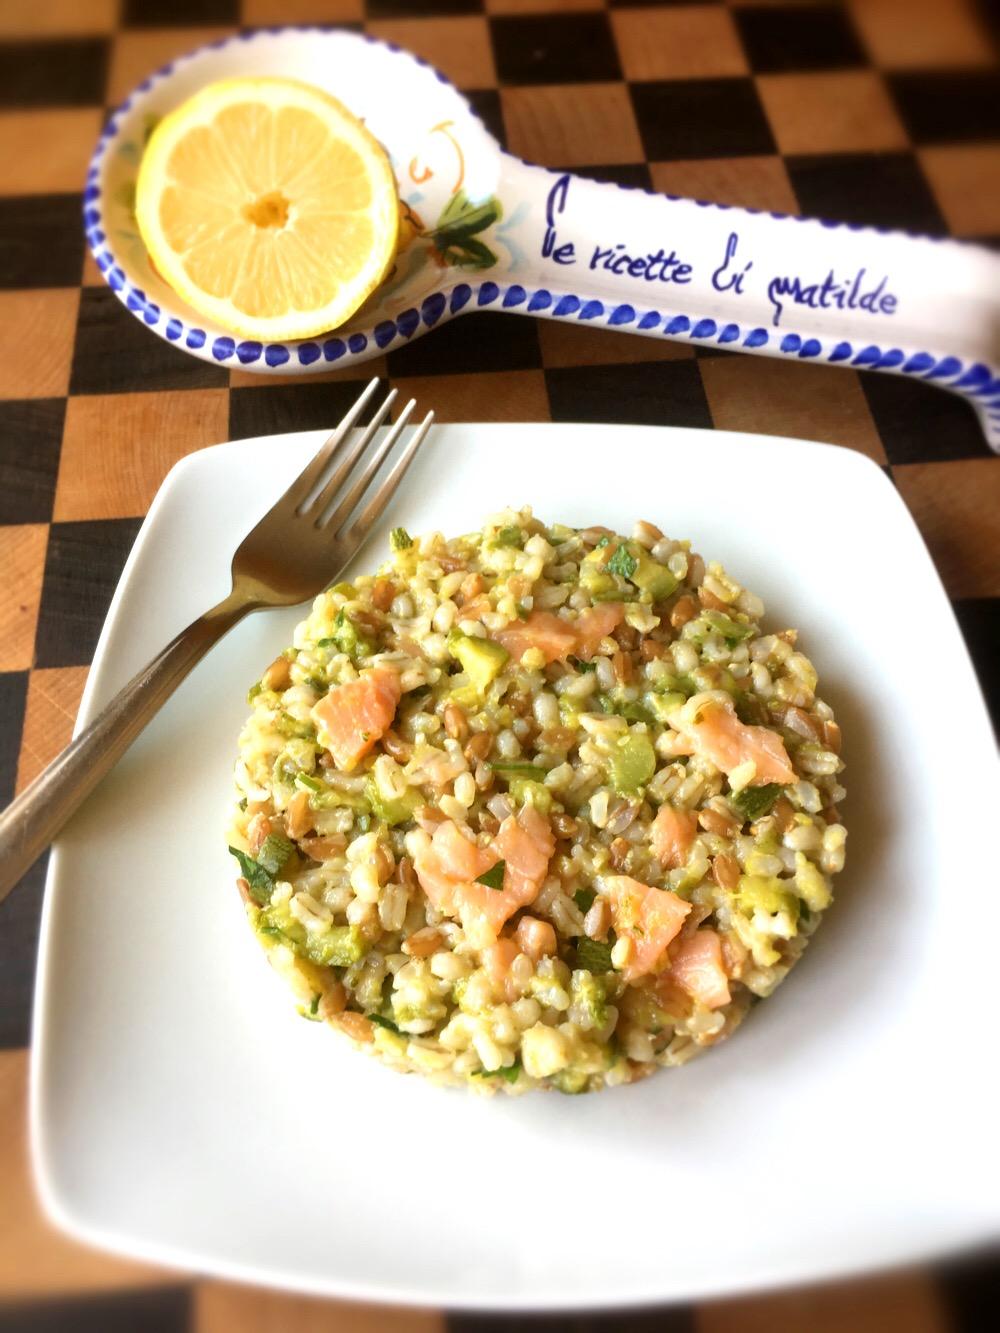 tre cereali con salmone e zucchine